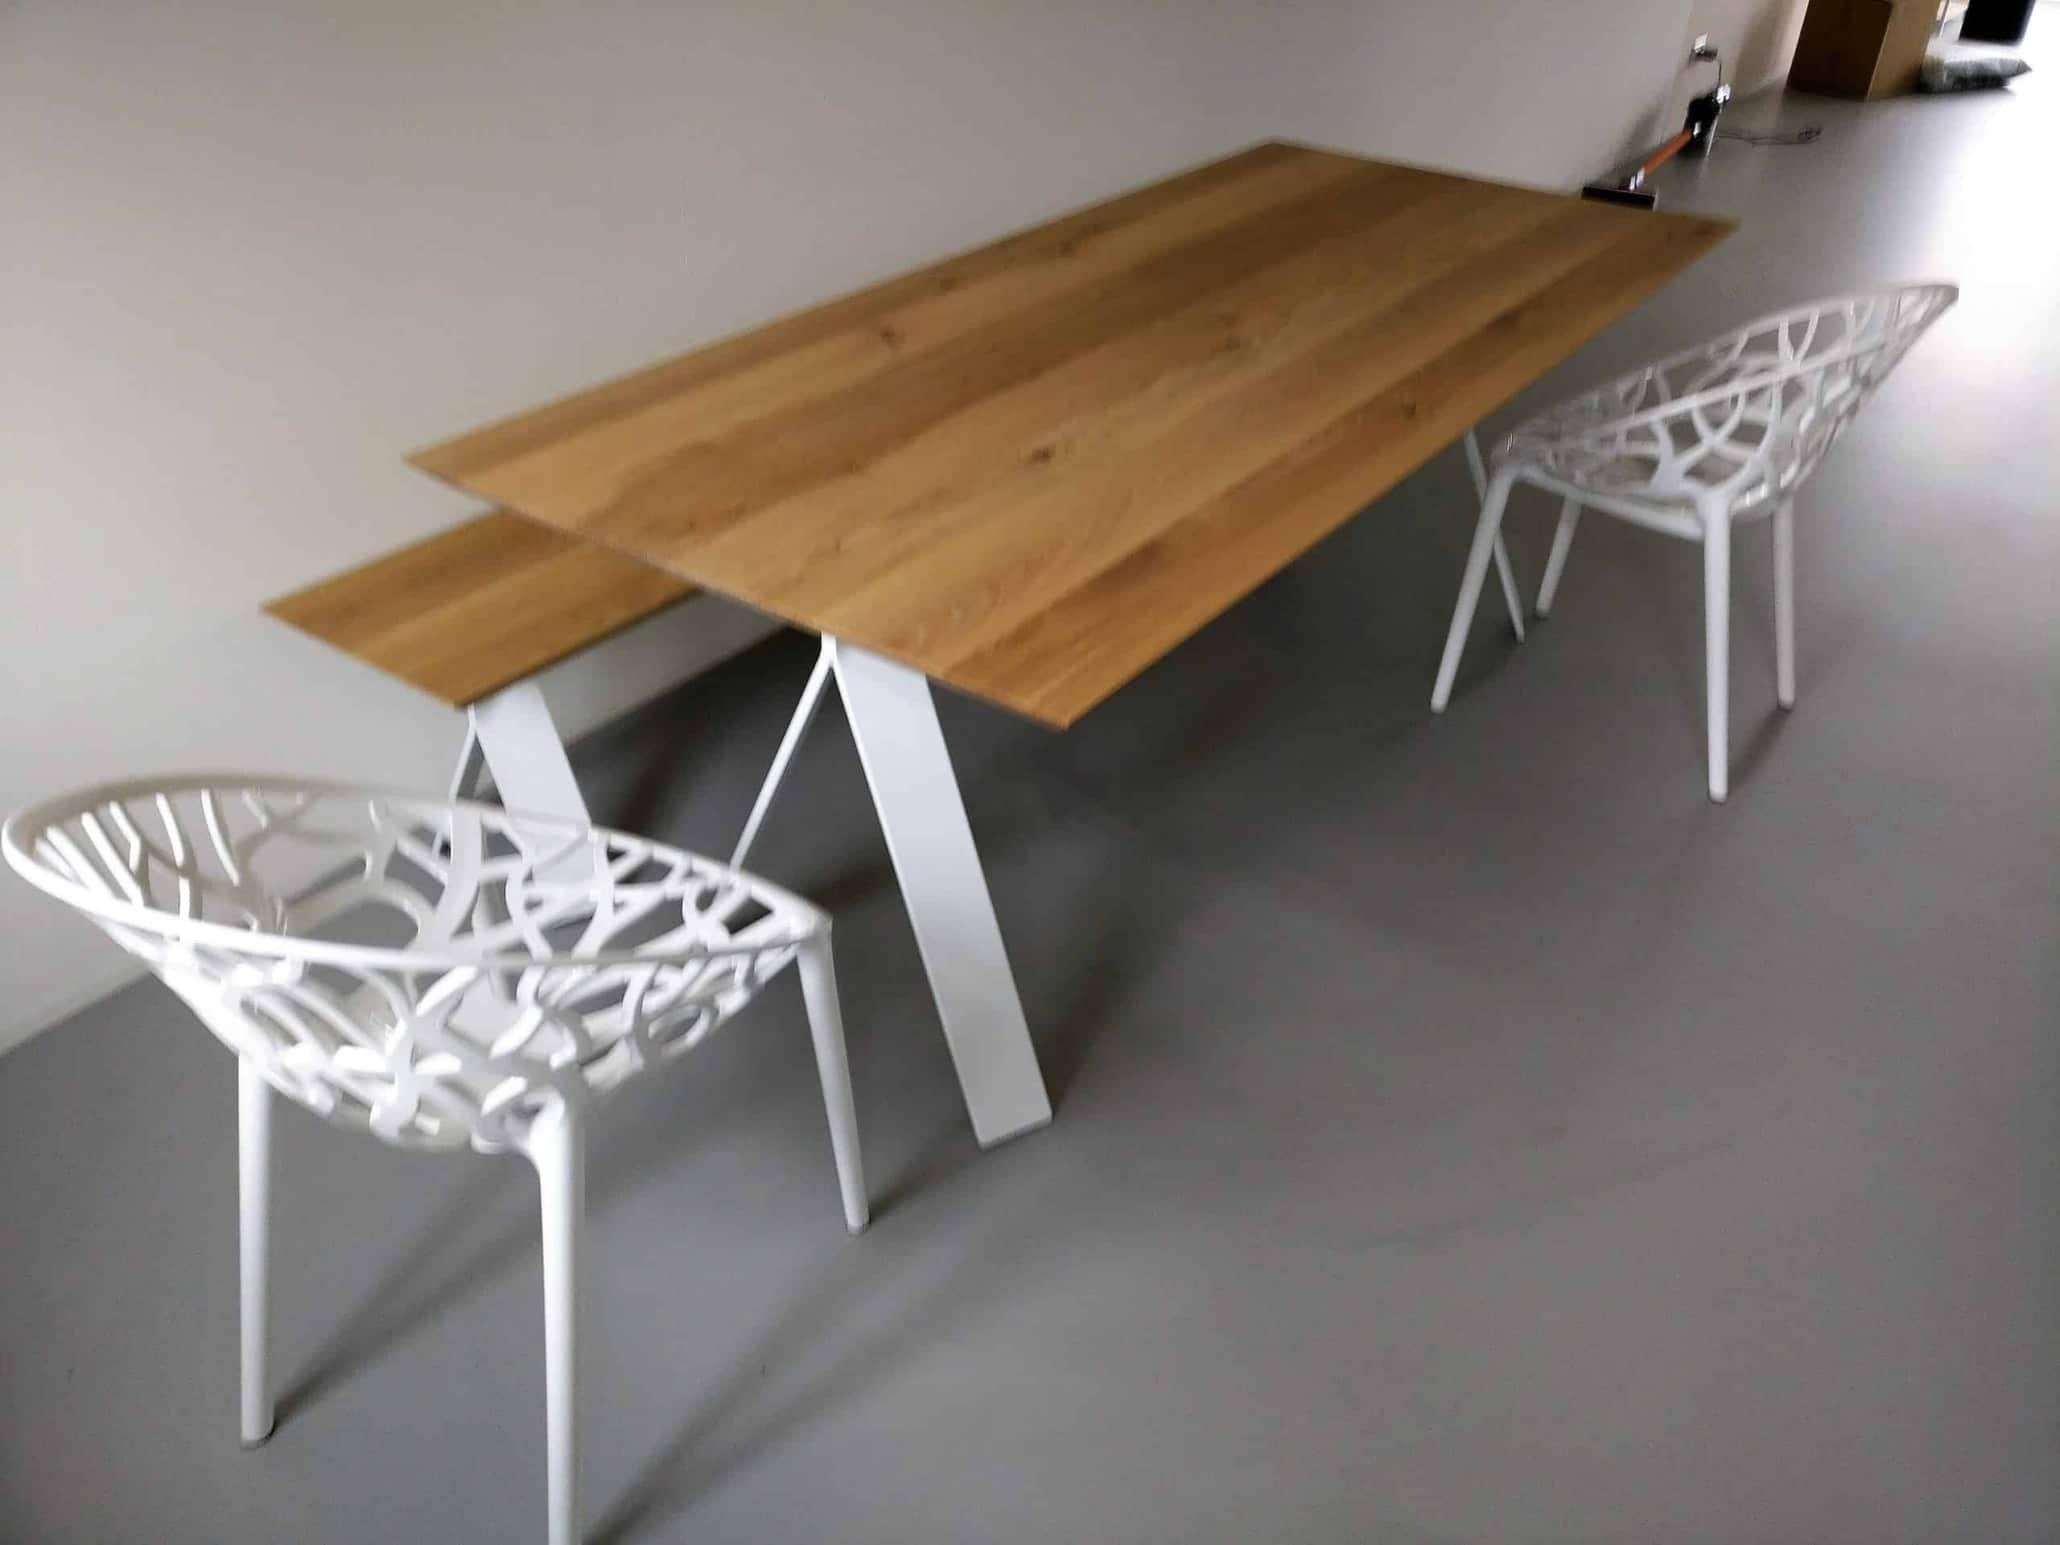 Strakke Scandinavische tafel